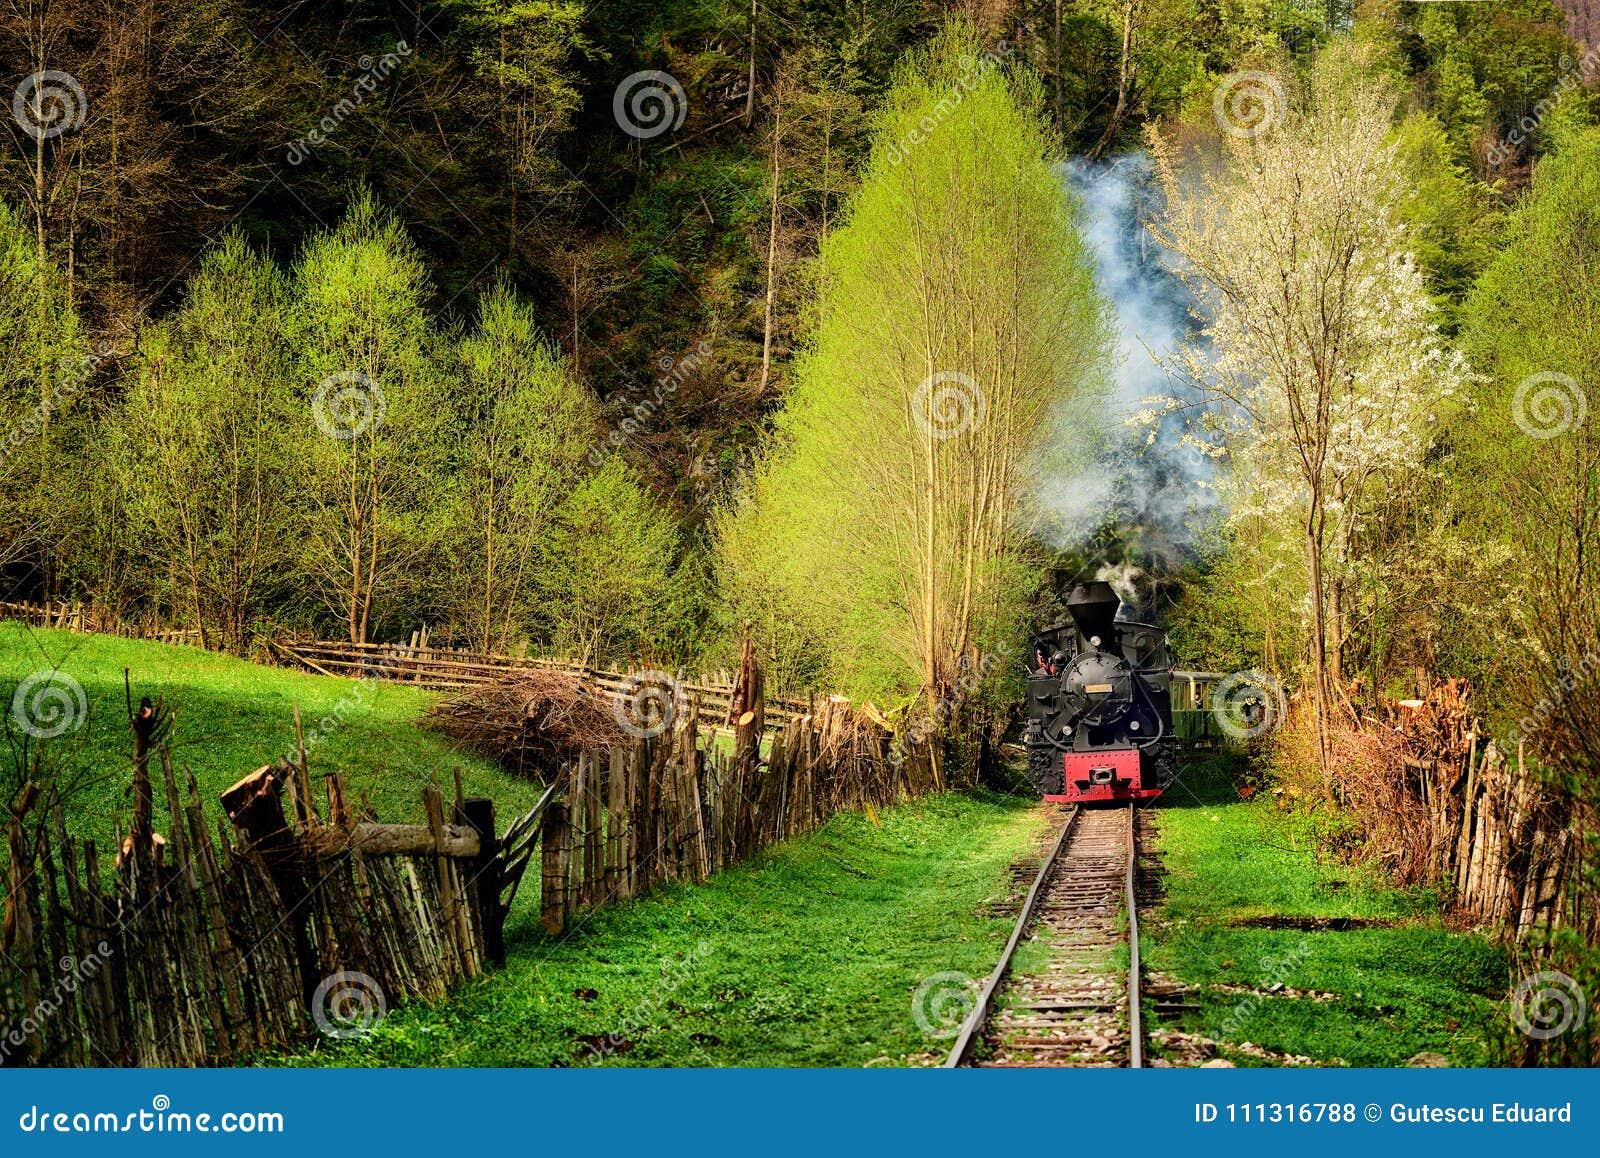 Steam train named Mocanita in Vaser Valley, Maramures, Romania. in spring time